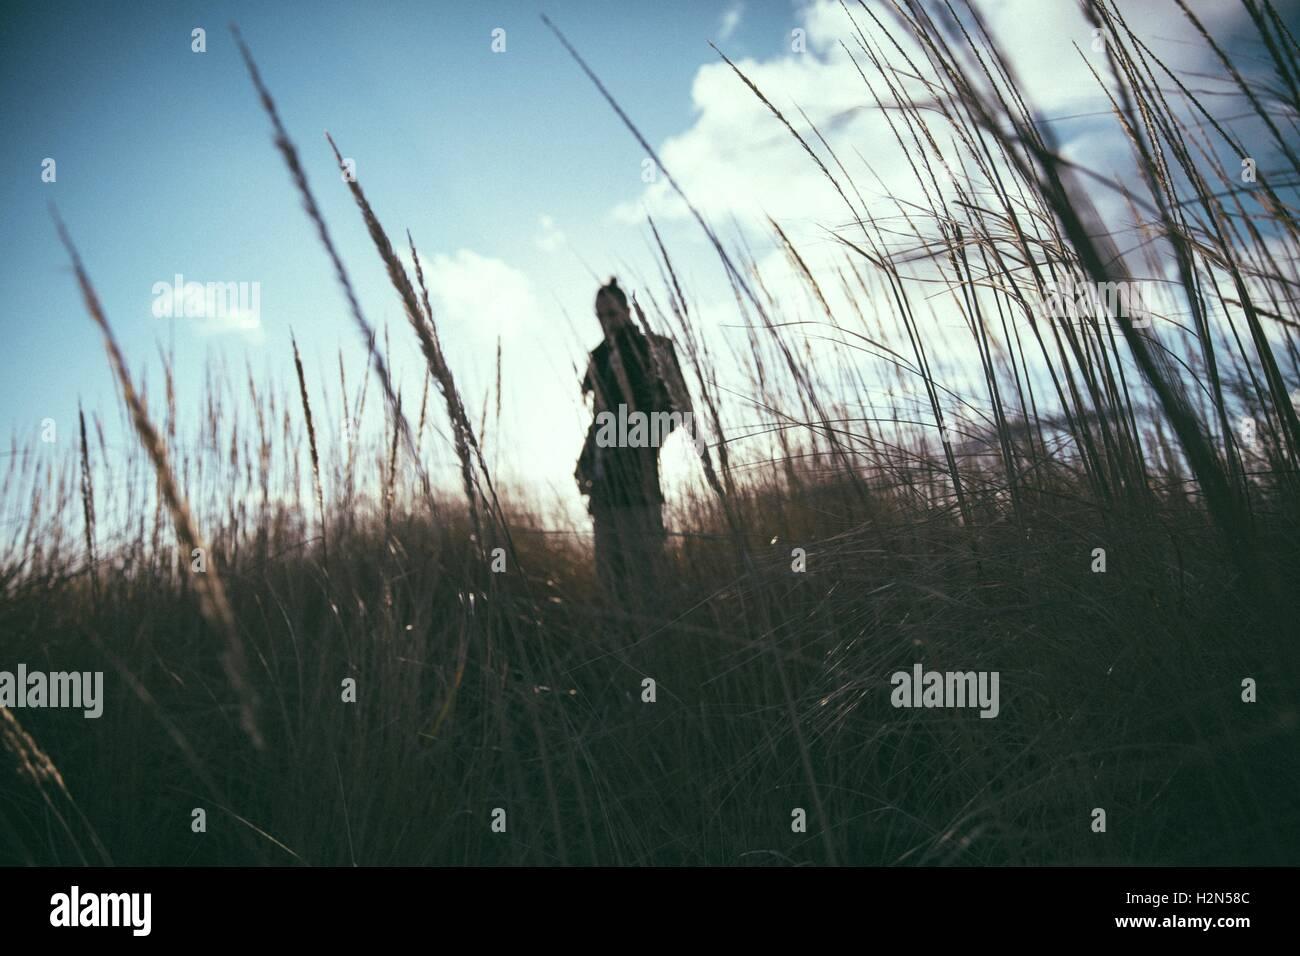 Silhouette attraverso erba alta Immagini Stock